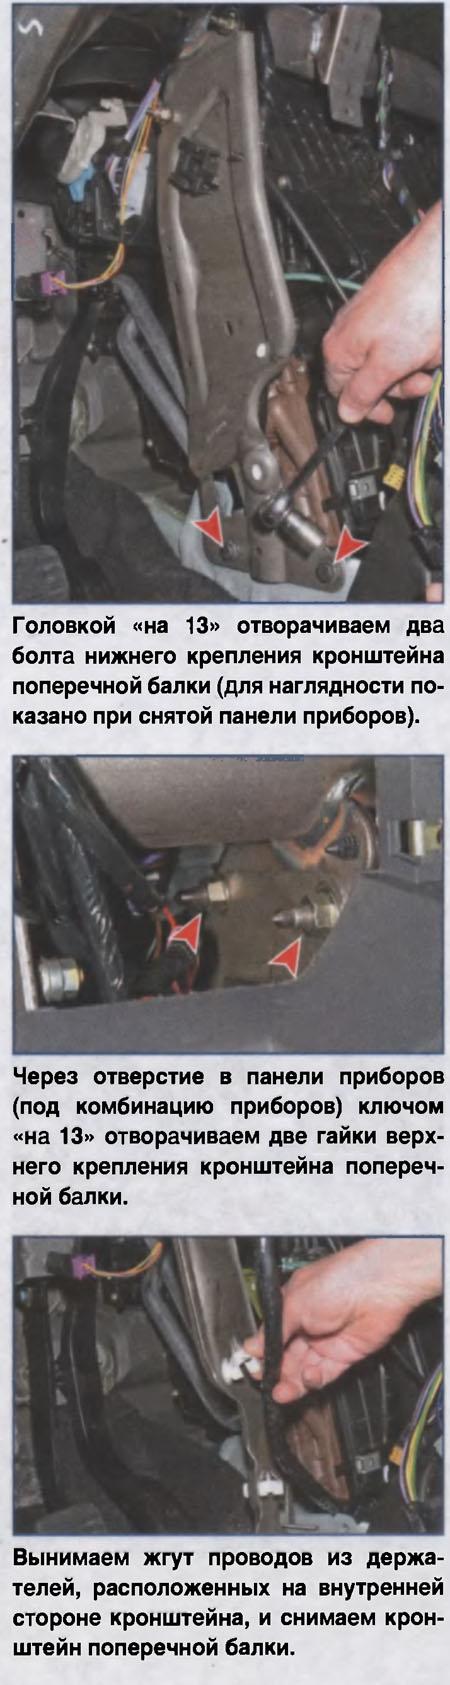 lada-largus-snyatie-radiatora-otopitelya-25_2.jpg